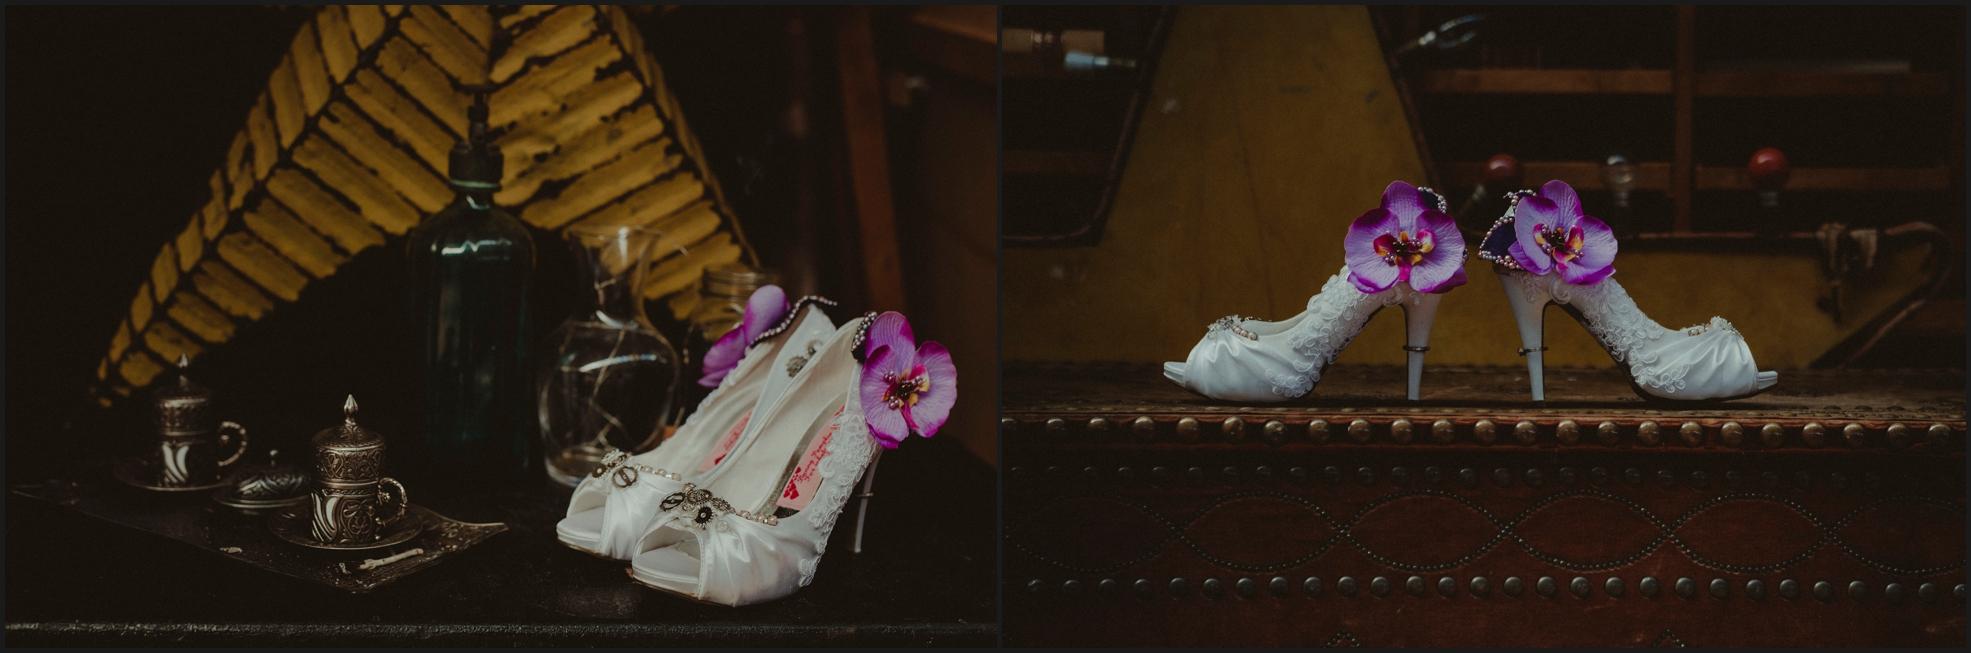 details, shoes, steampunk, cogs